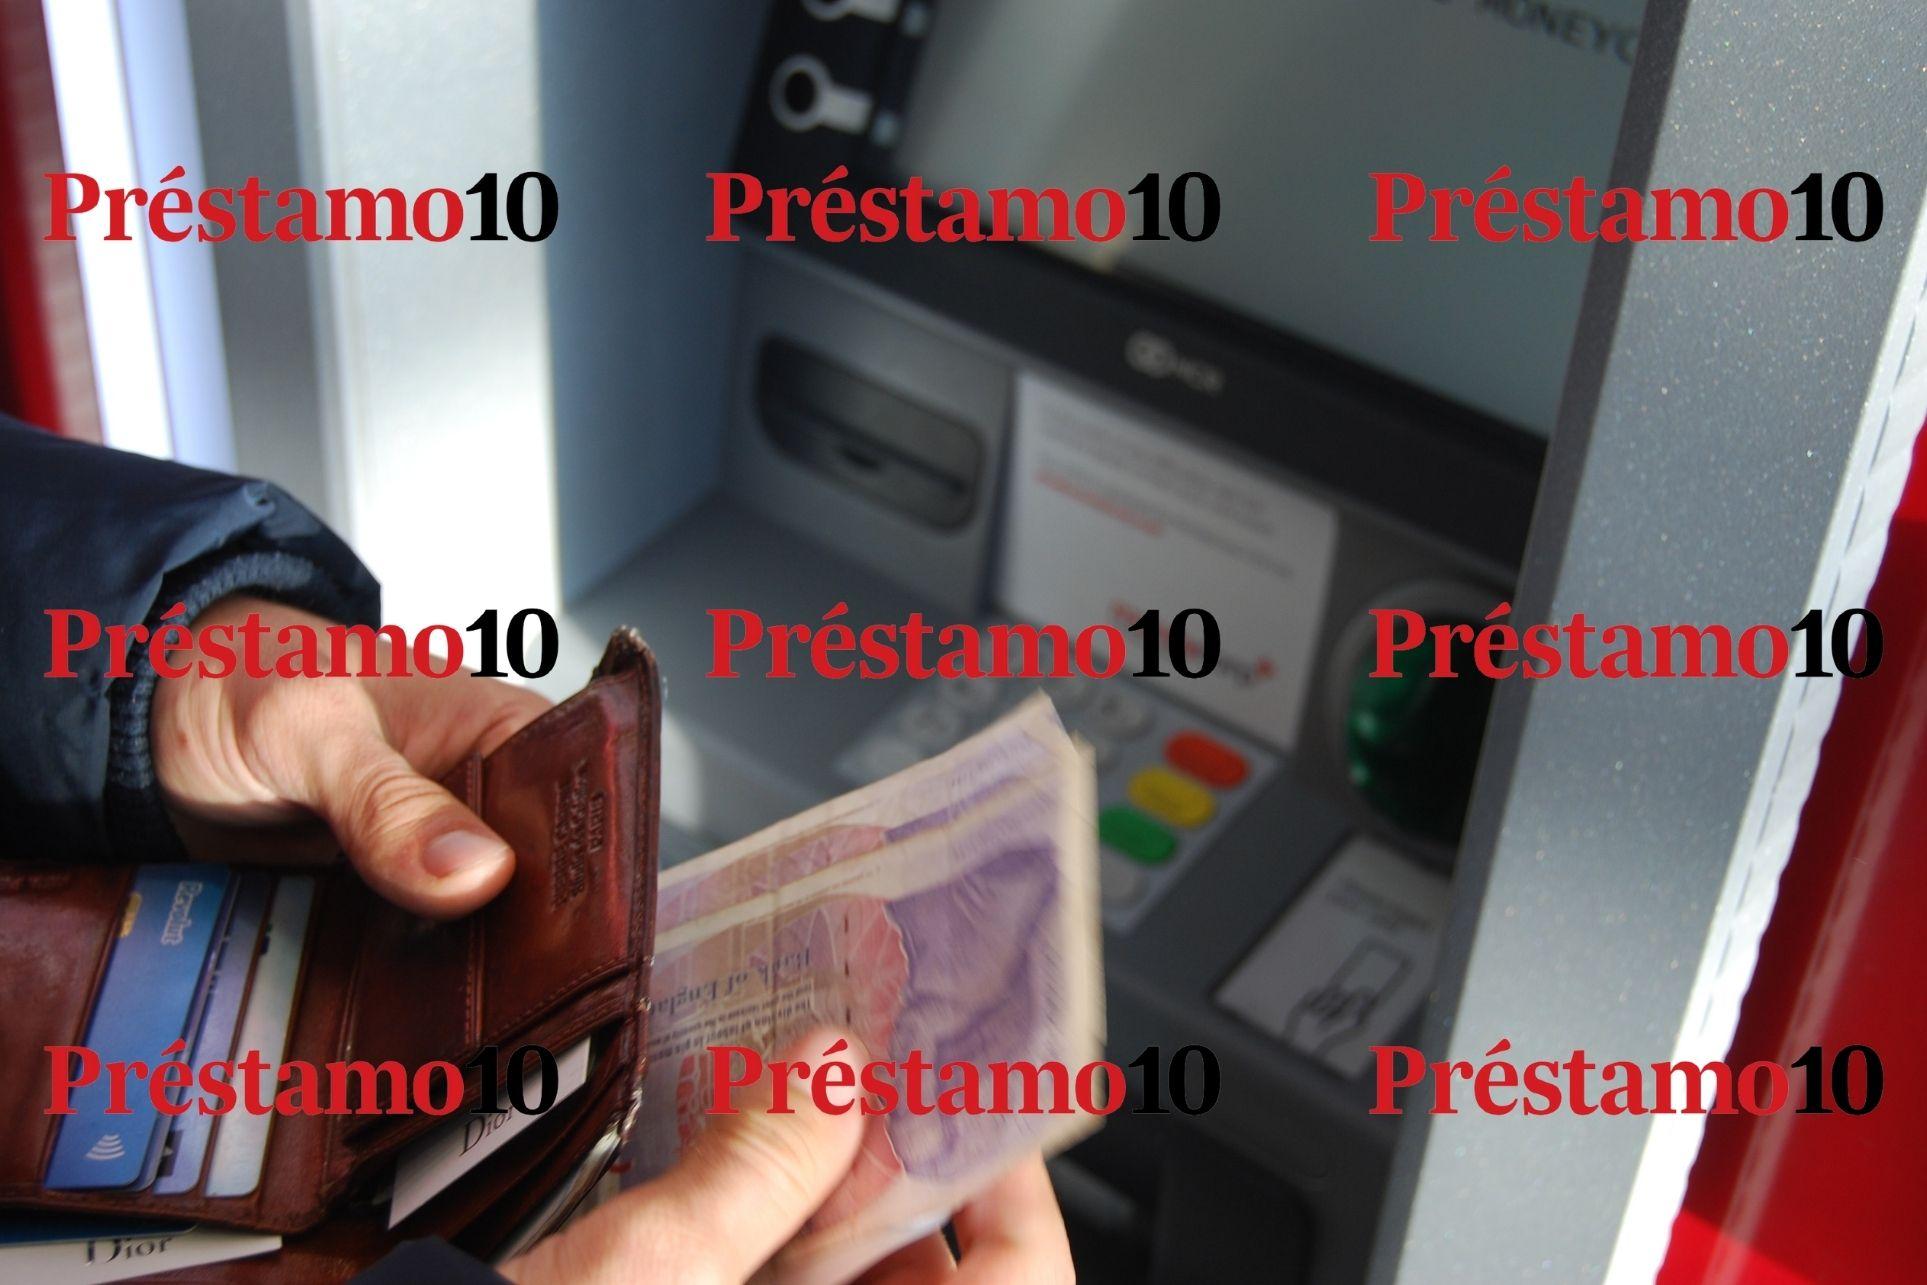 Cómo Denunciar un Microcrédito Préstamo10 por Intereses Abusivos